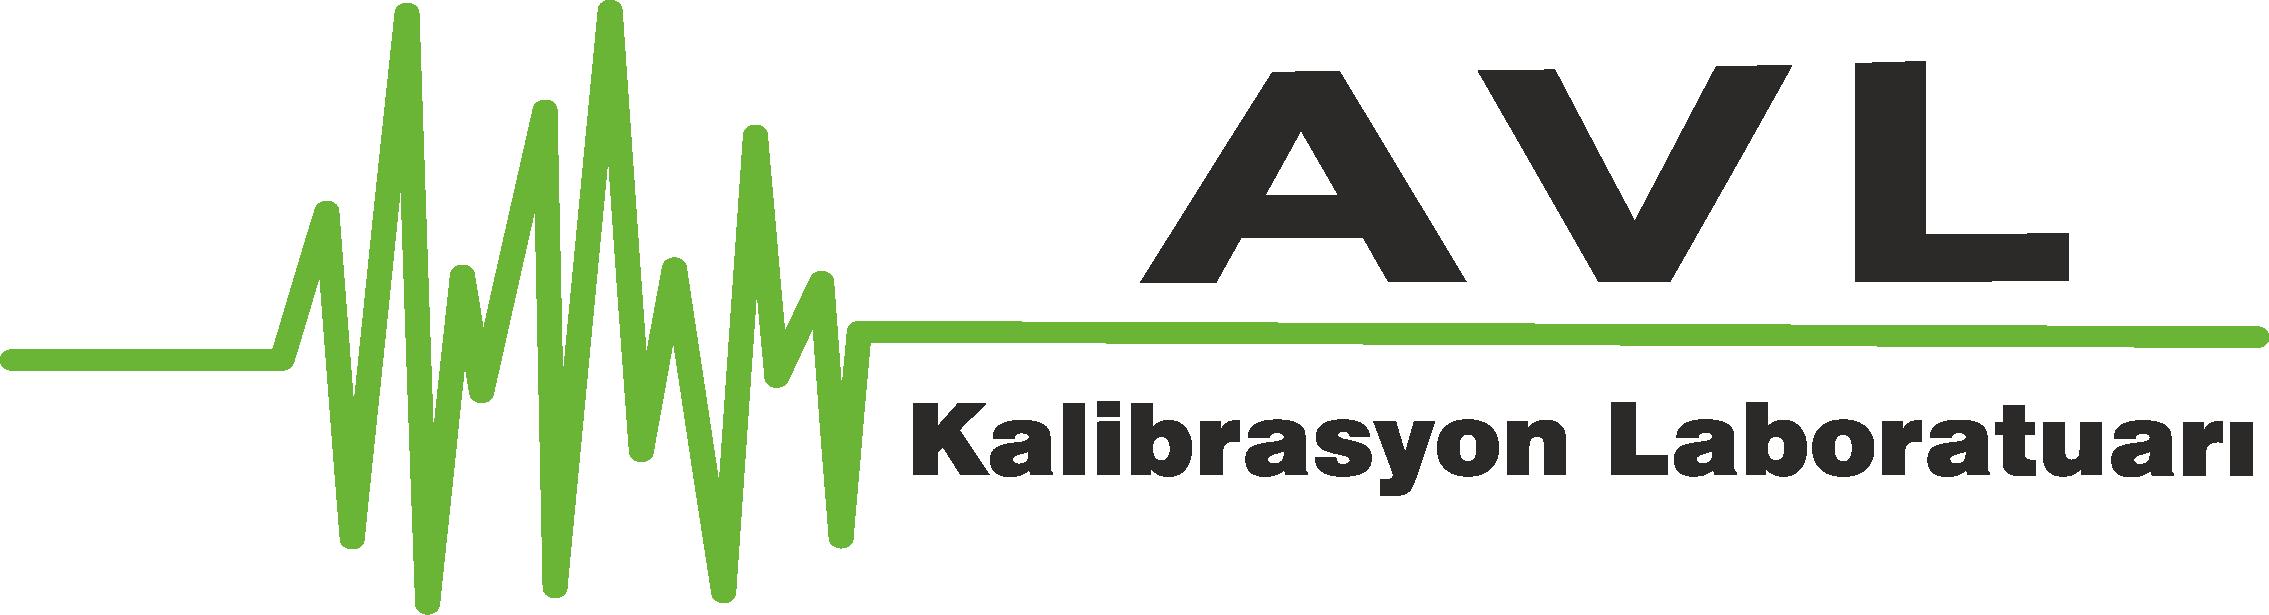 AVL Kalibrasyon Laboratuvarı